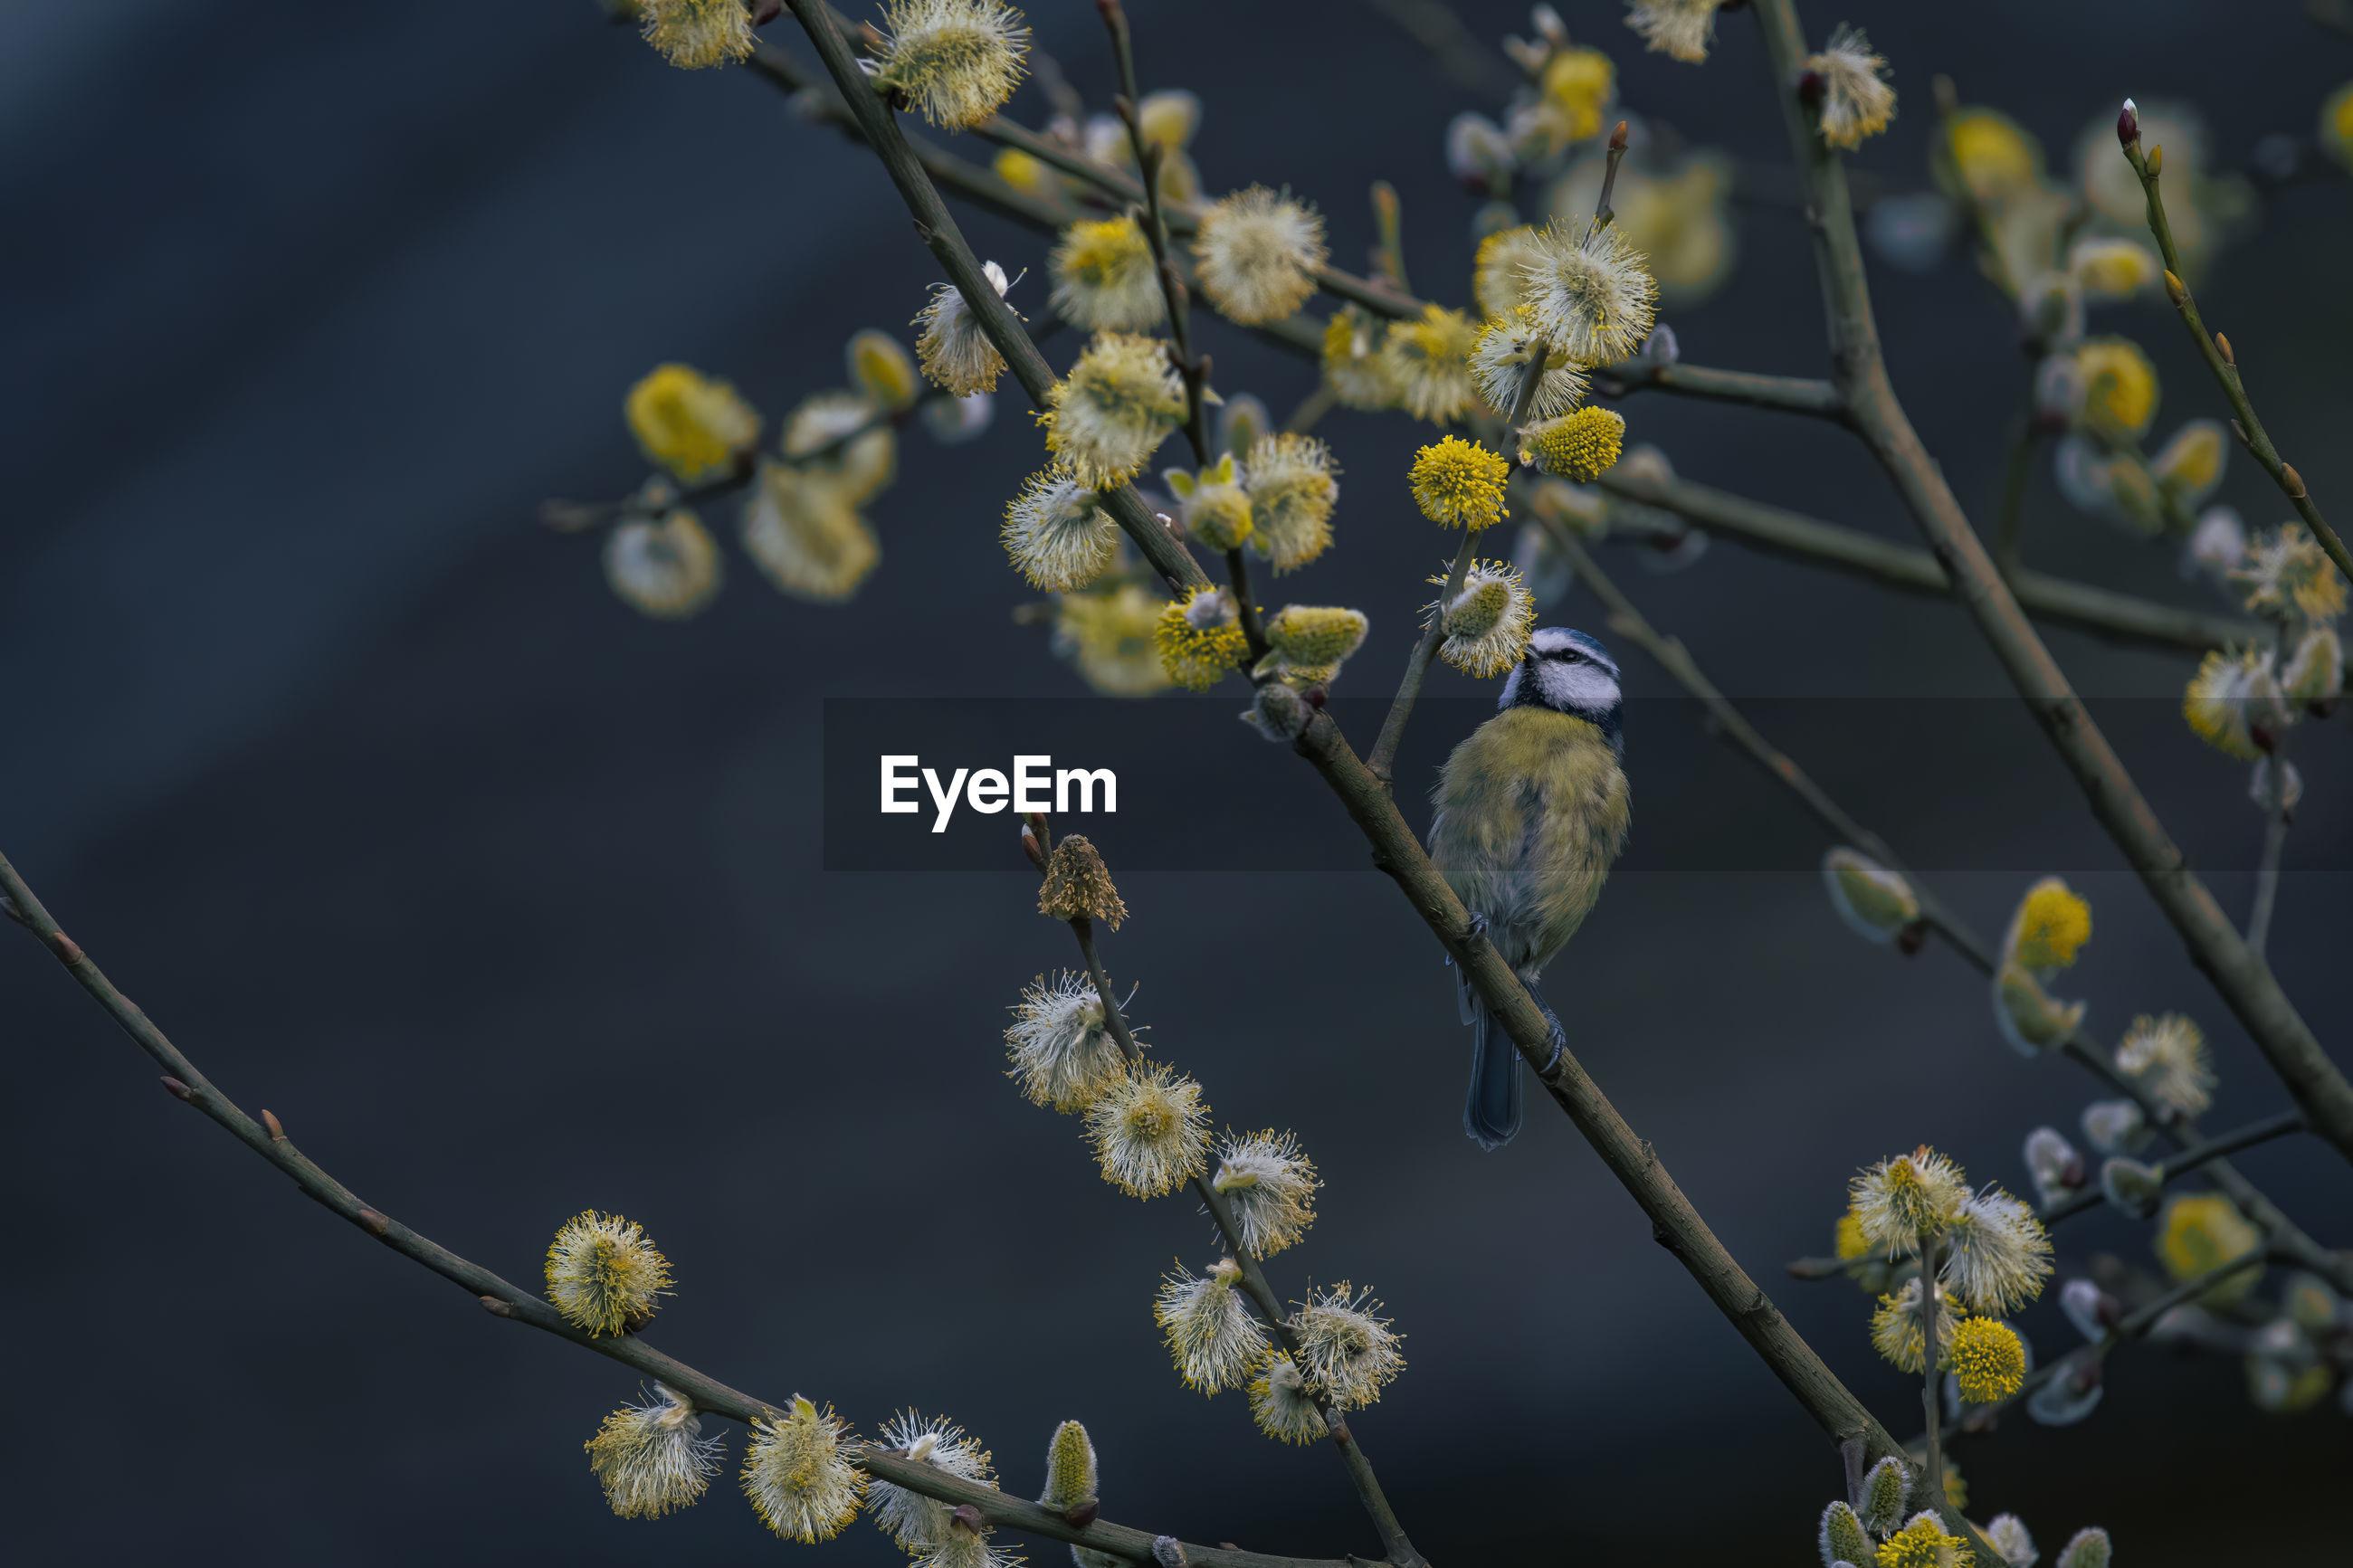 Eurasian bluetit on branch